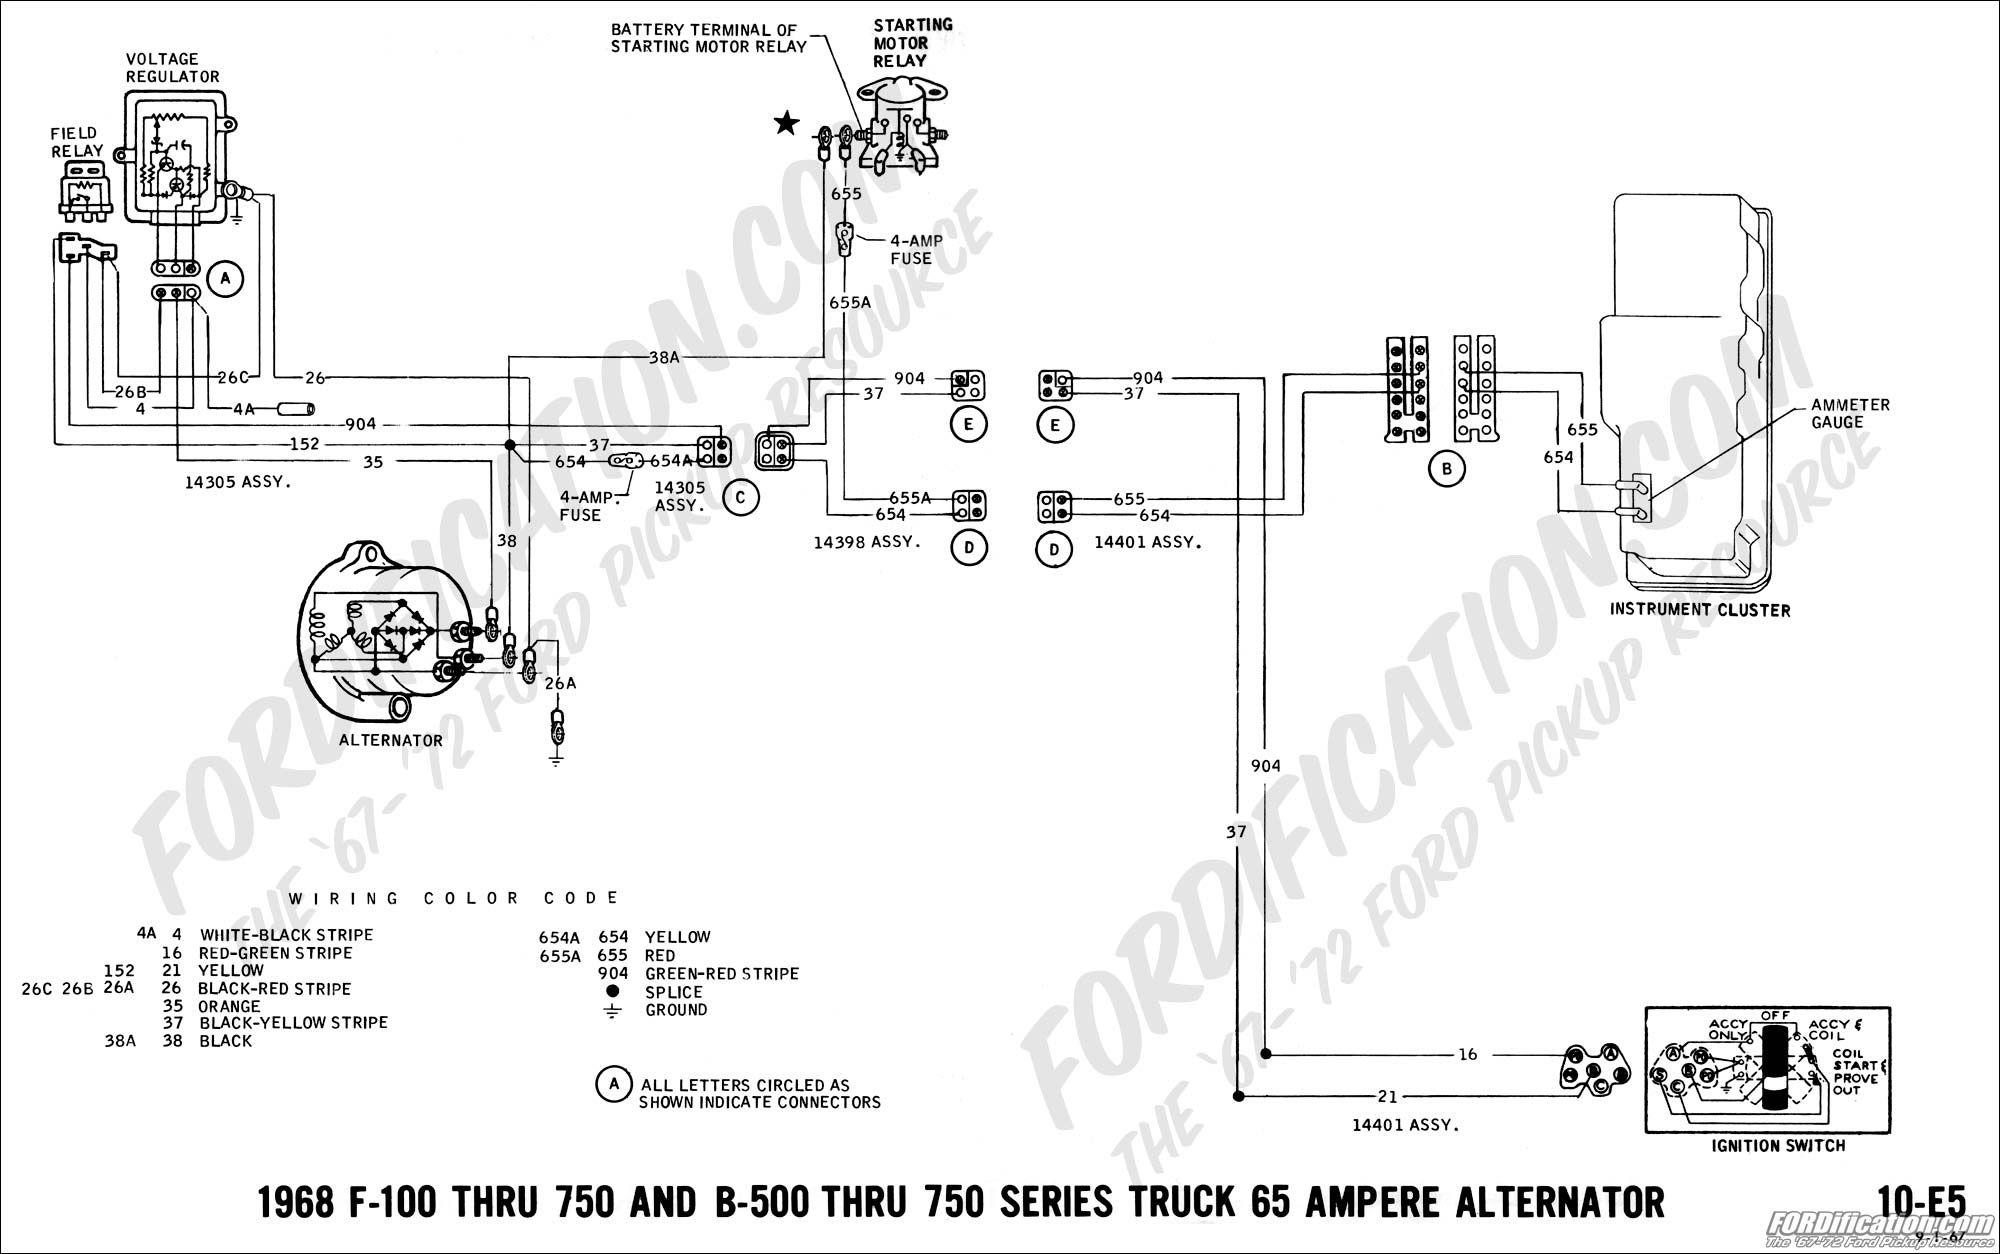 68 Ford Alternator Wiring Diagram | 76 Ford F150 | Diagram